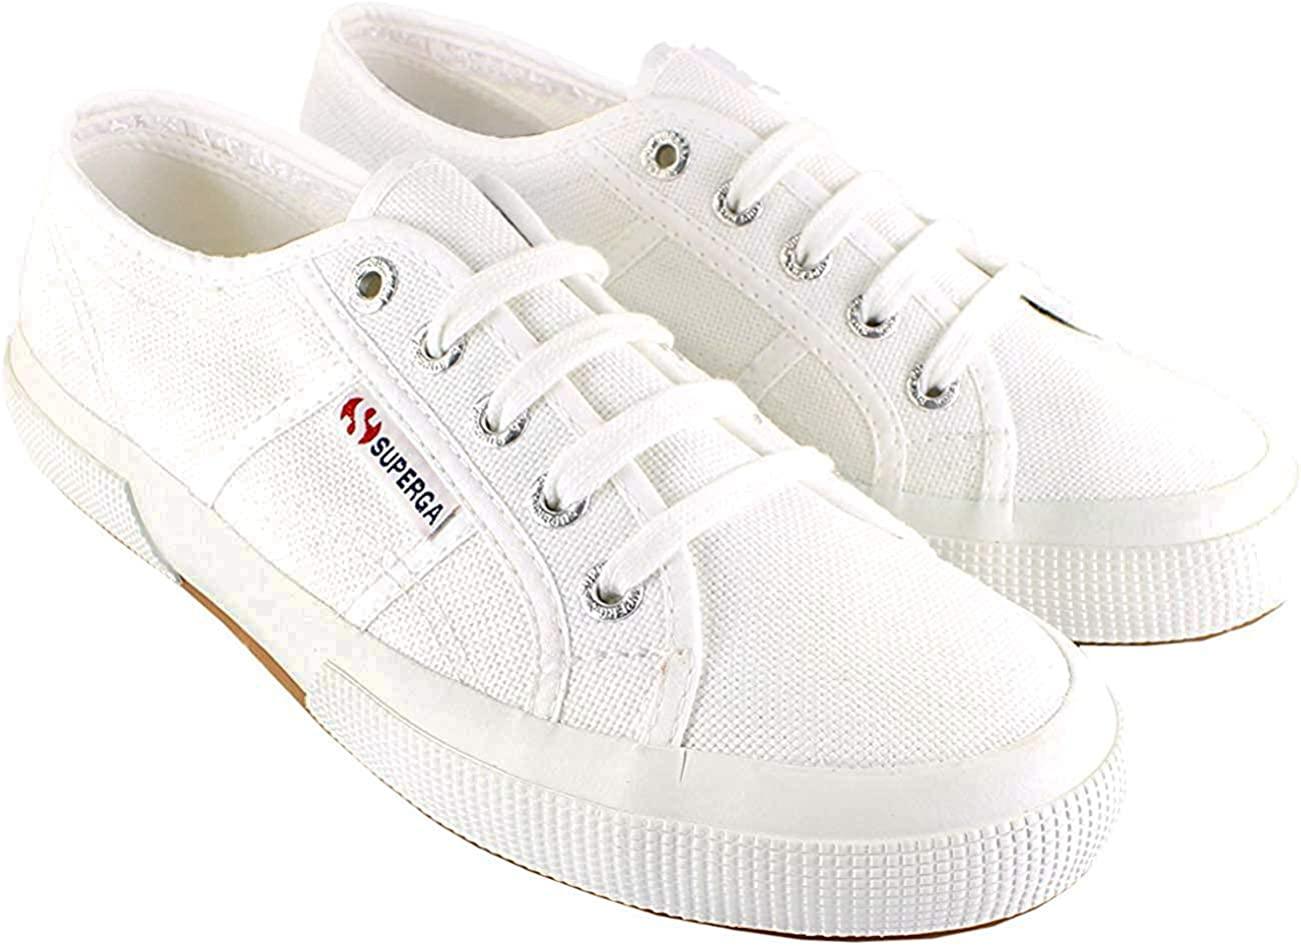 Superga 2750 Cotu Classic Mens Canvas Shoes Green UK11 US 12